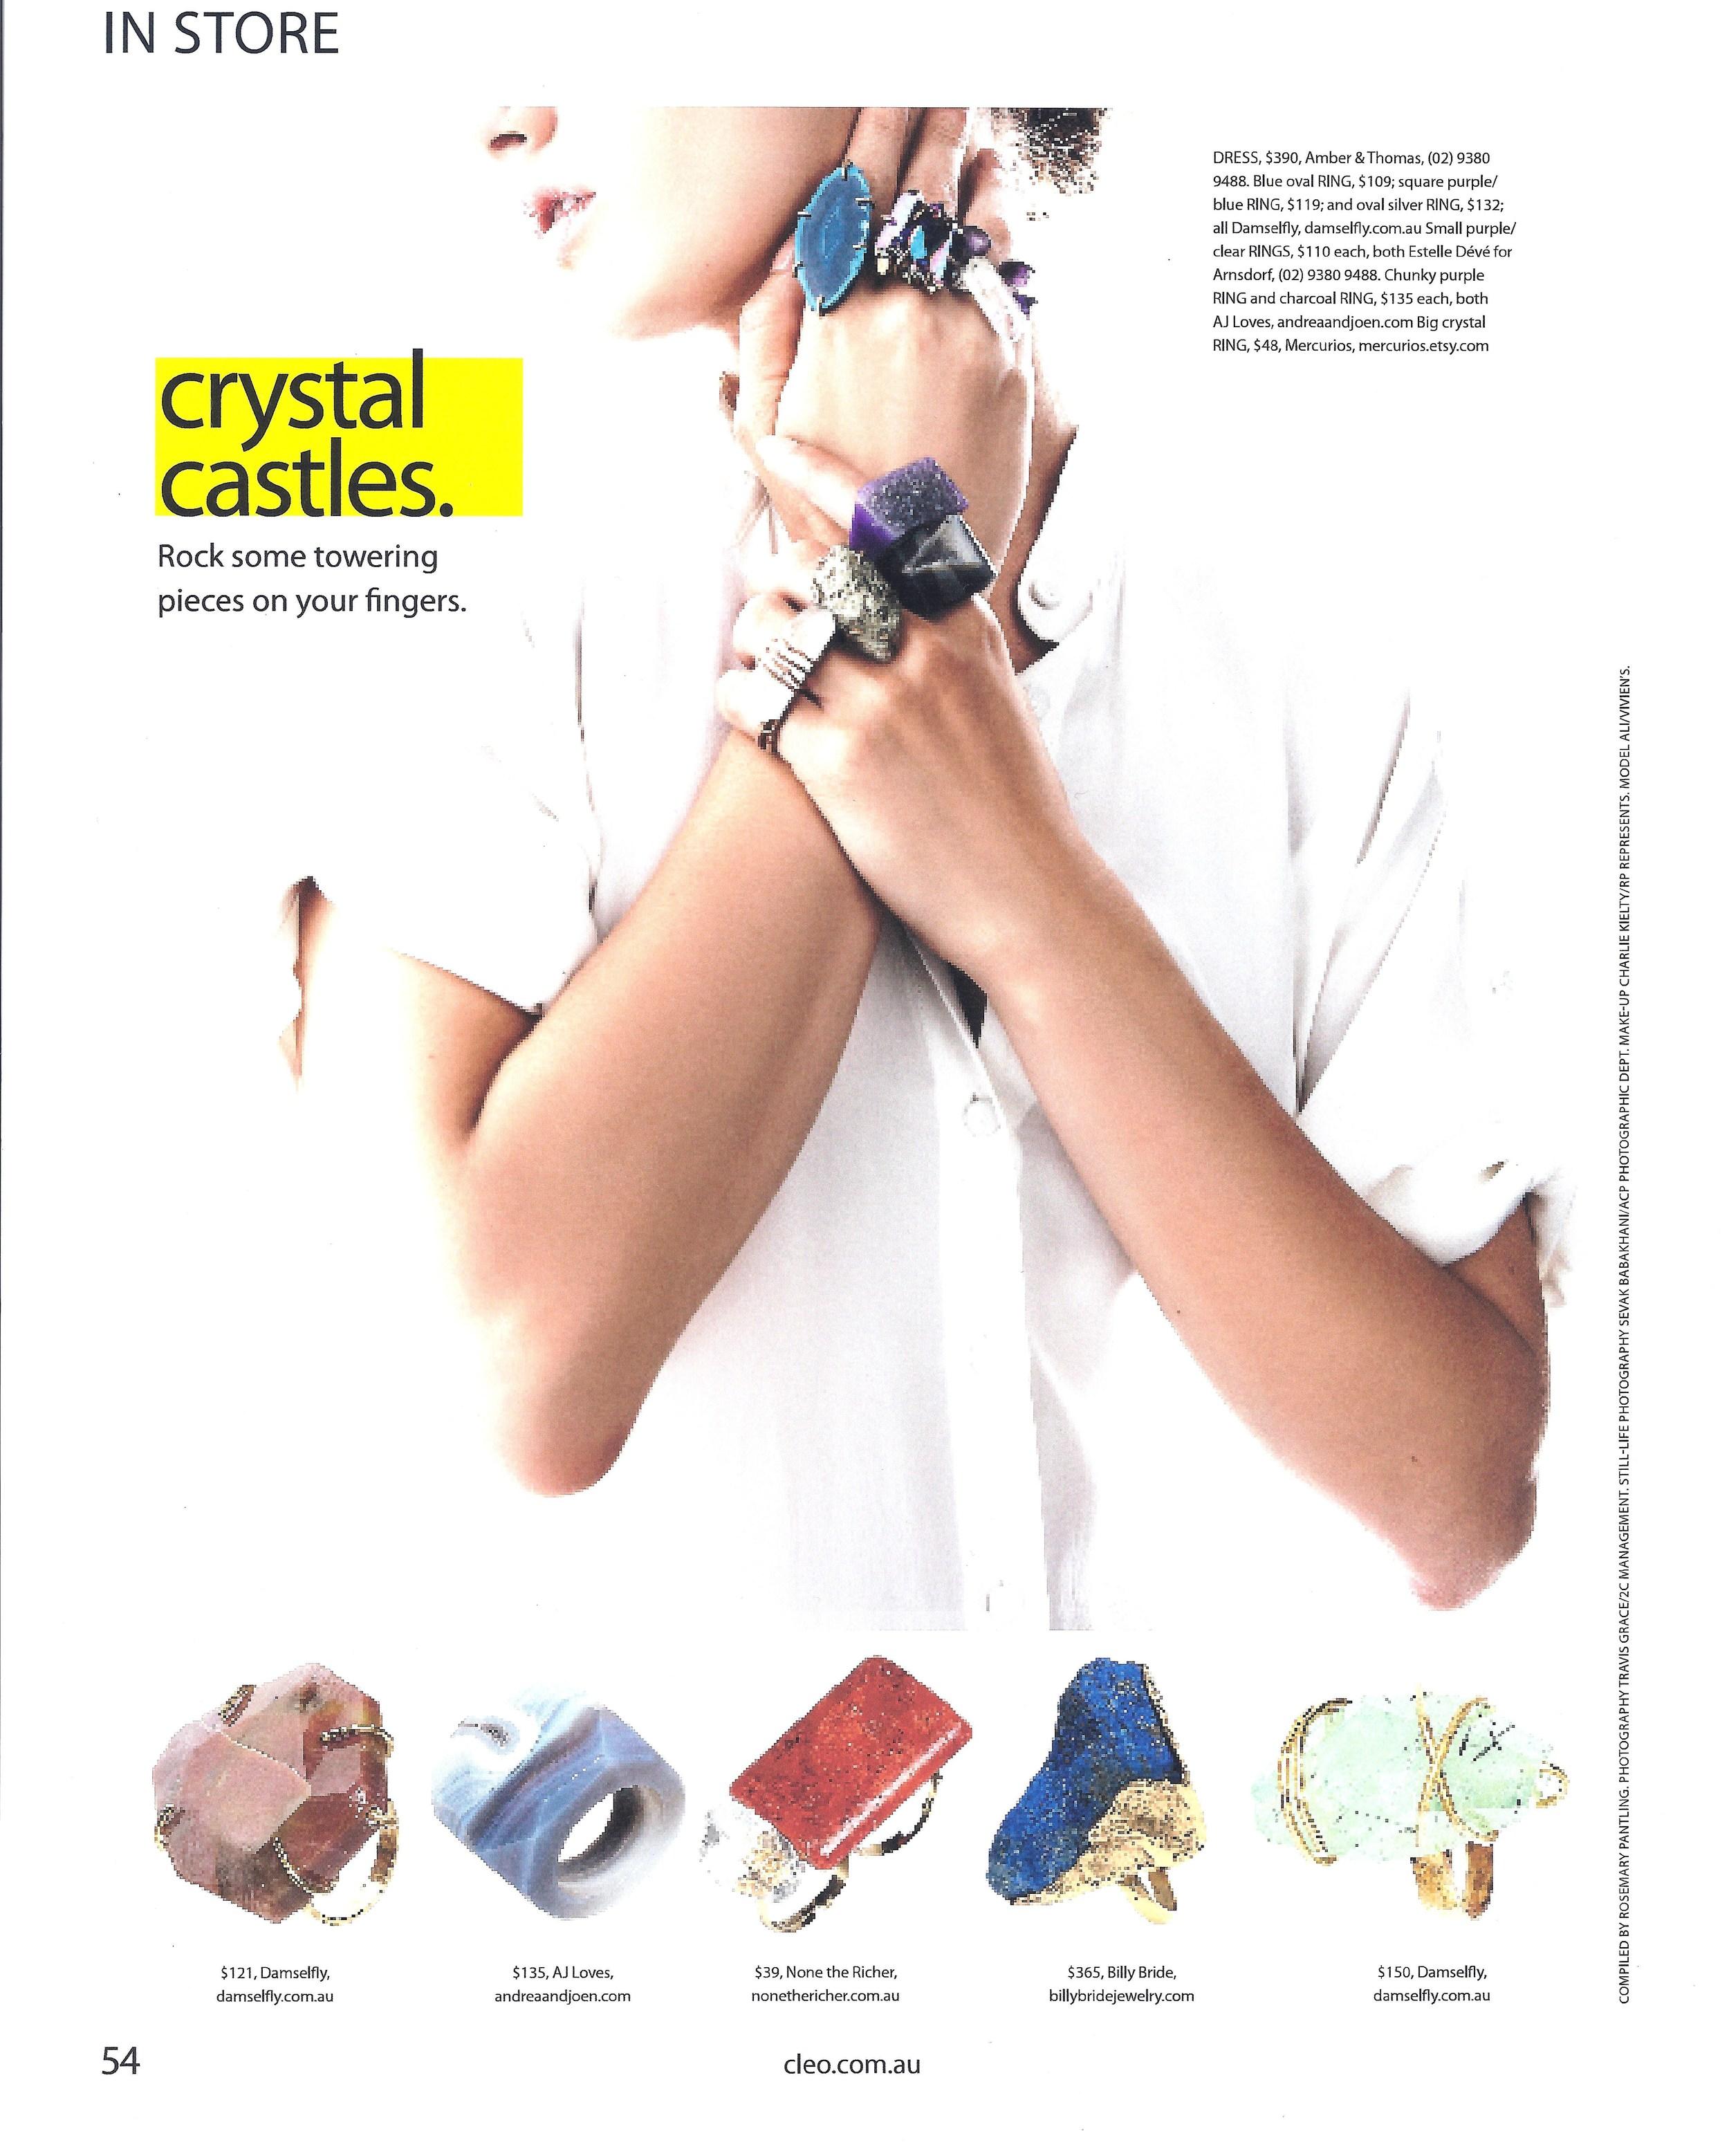 CLEO Magazine, November 2010